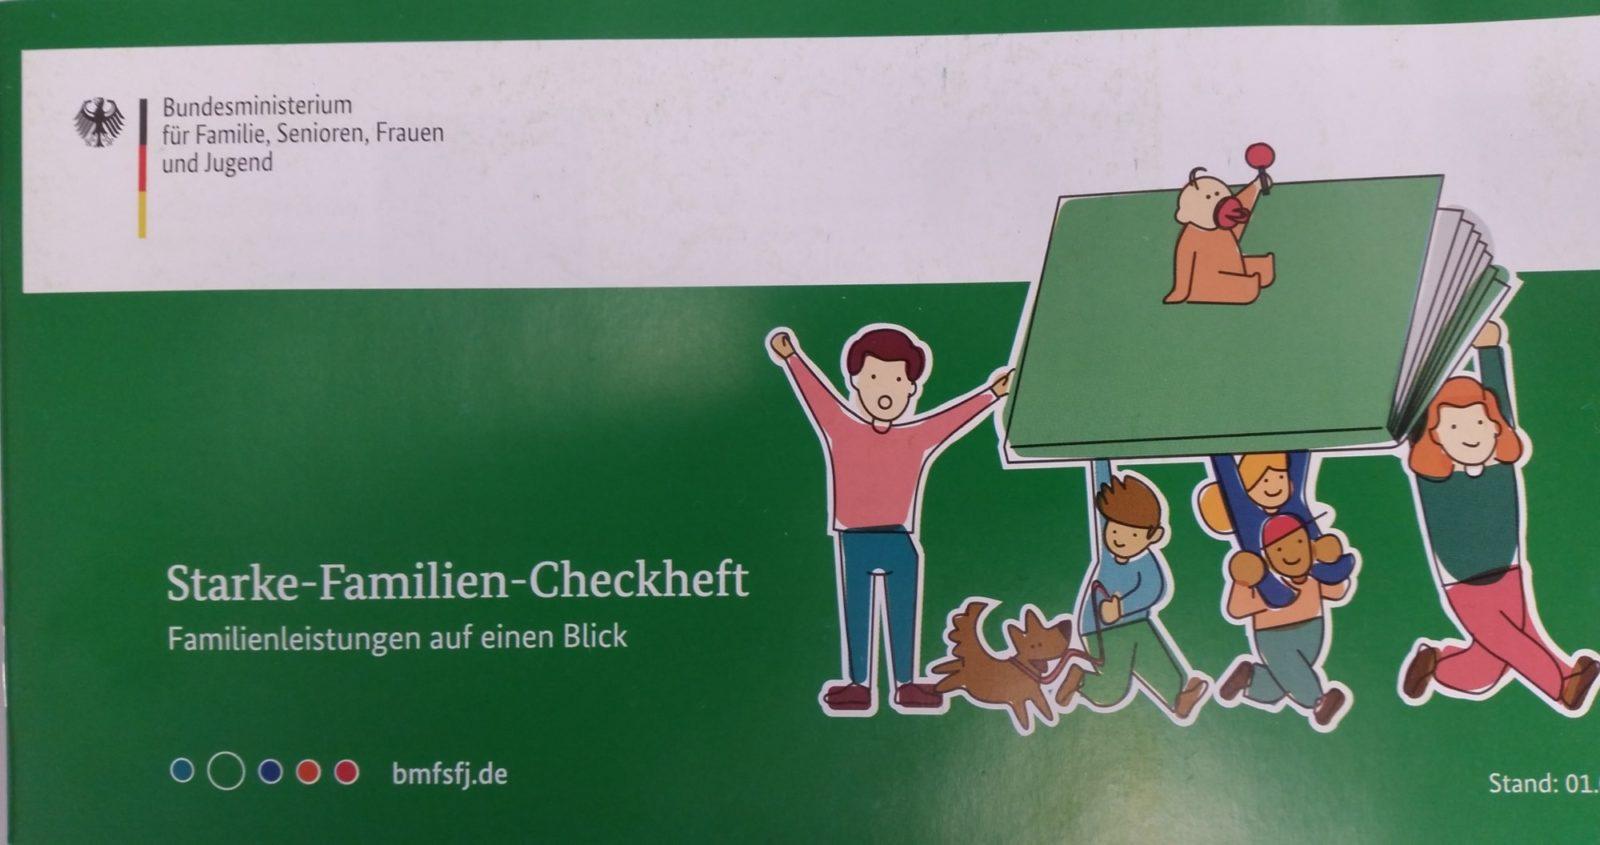 Starke-Familien-Checkheft